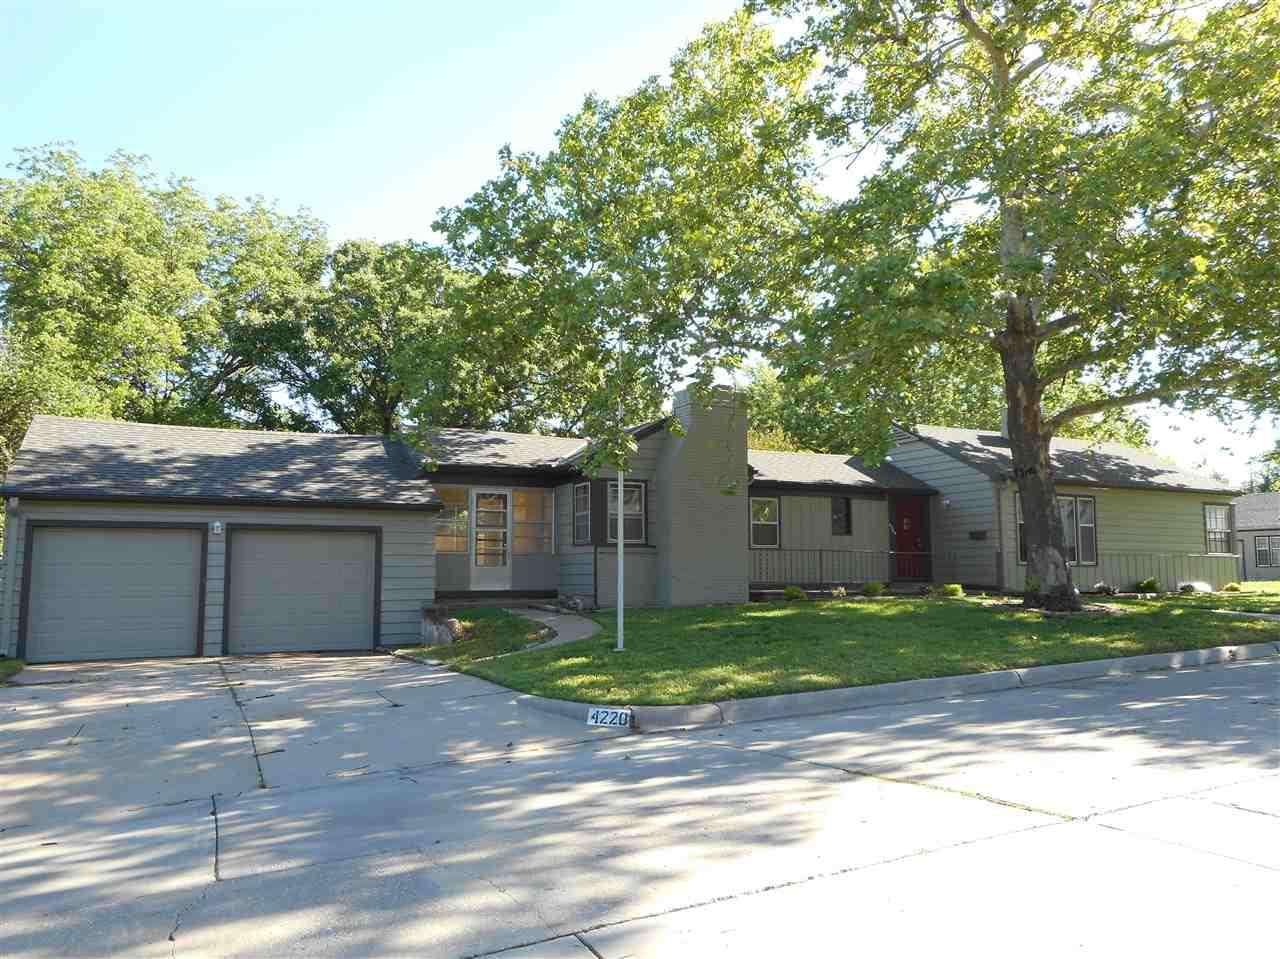 4220 E Murdock St, Wichita, KS 67208